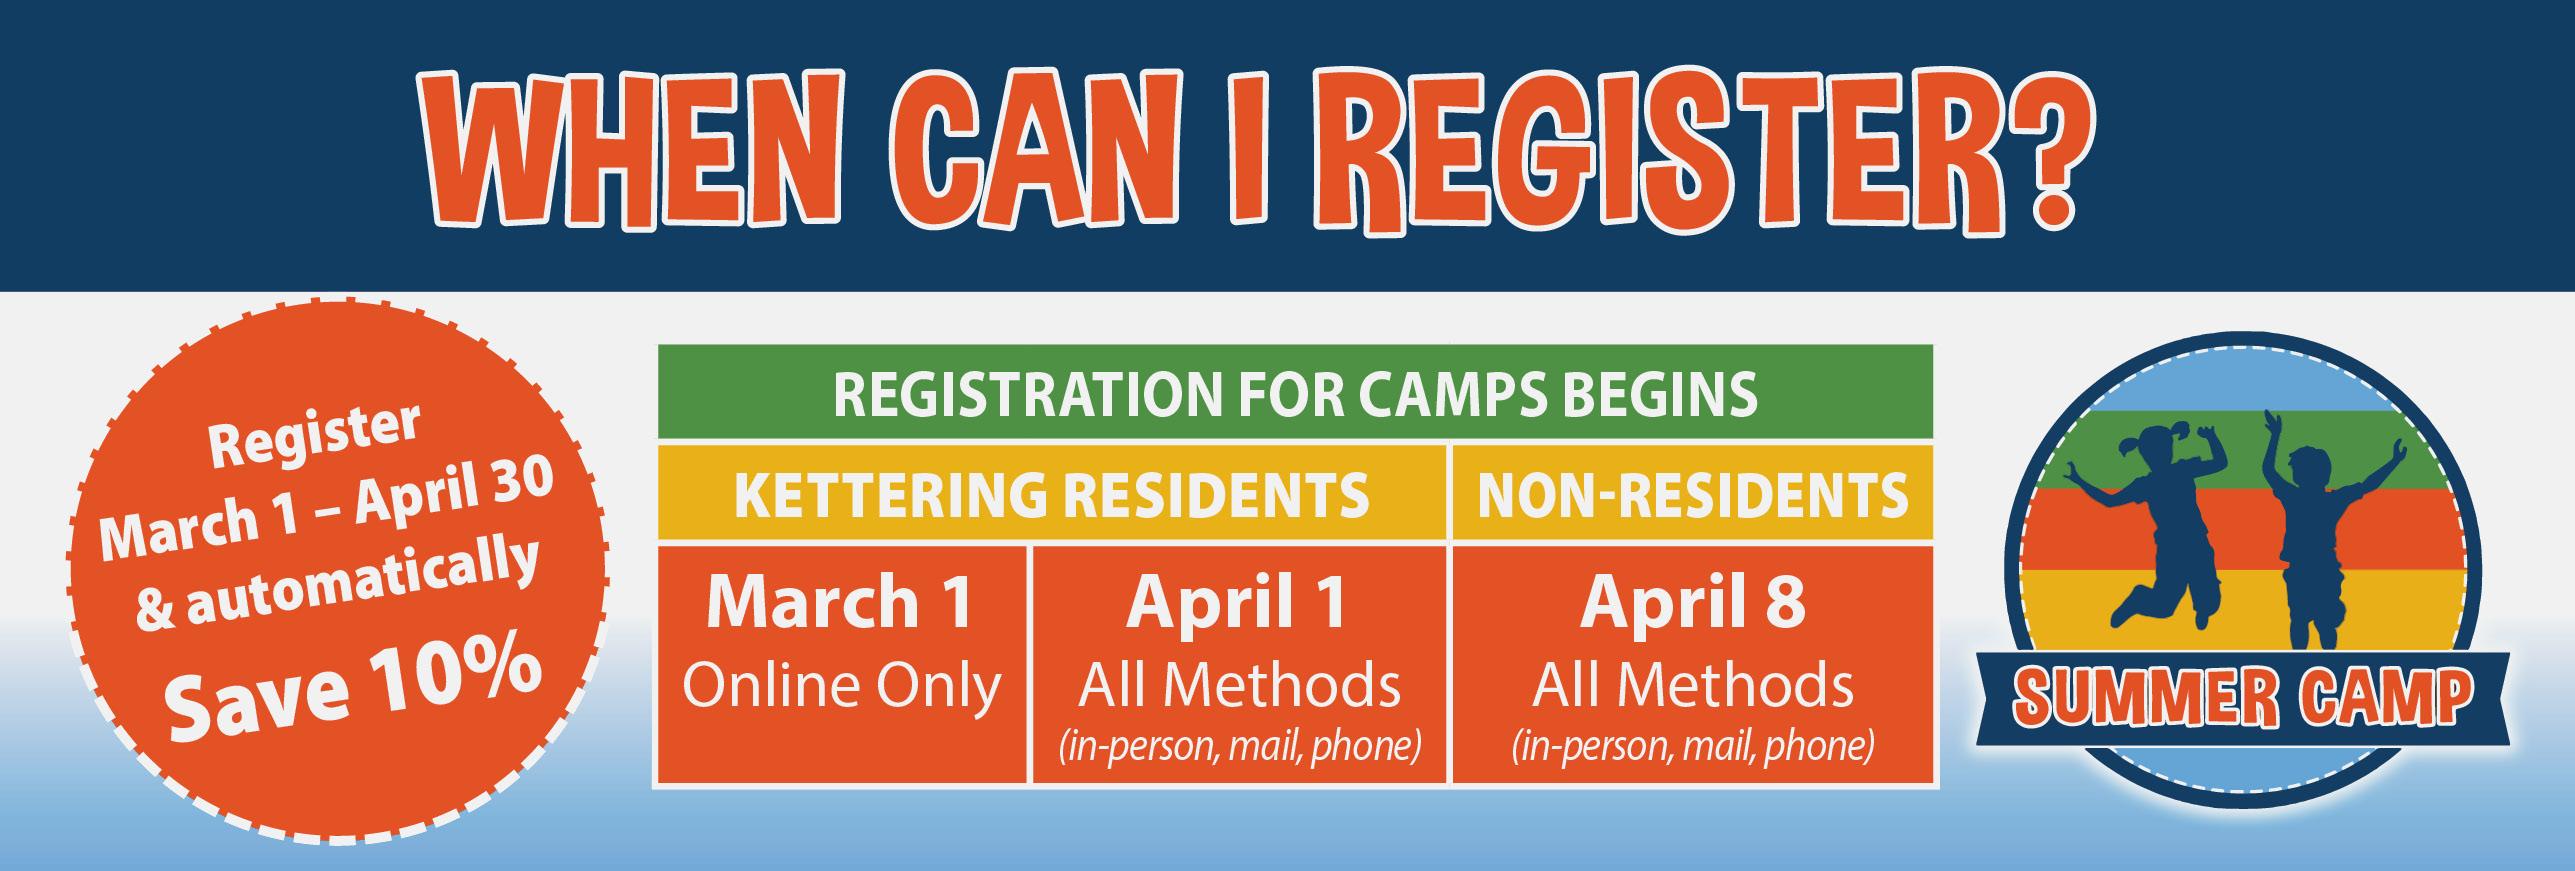 camps registration information